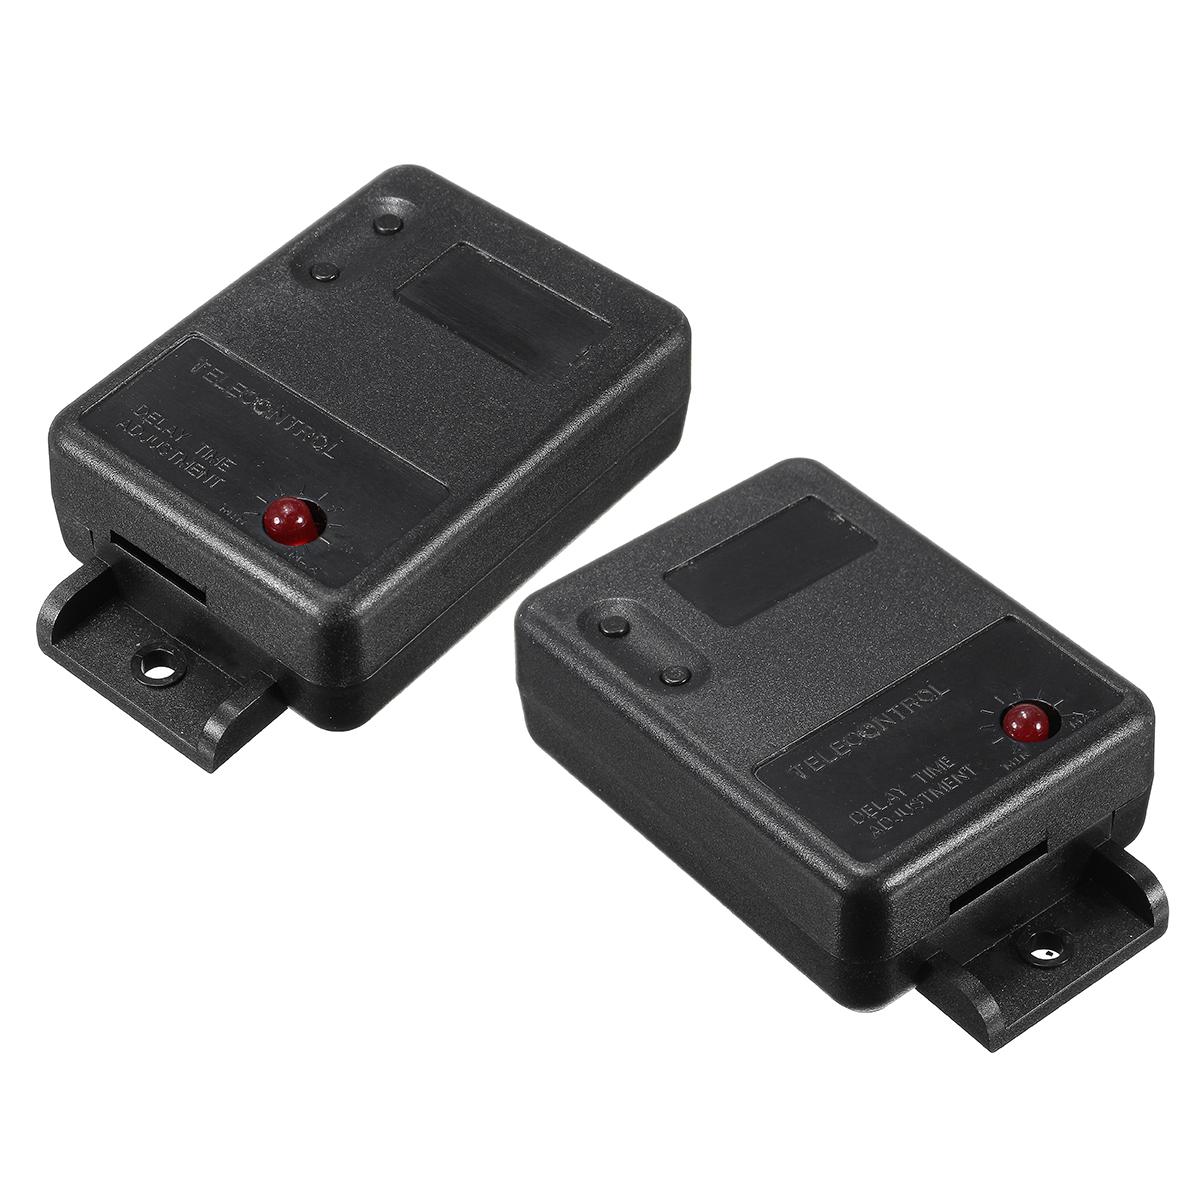 Dc12v 1ch 315 433mhz Wireless Time Delay Relay Rf Remote Control 3pcs Dc 12v Timer Module Turn On Off 546871ae 845b 4af1 B662 11f7b3d2c2f6